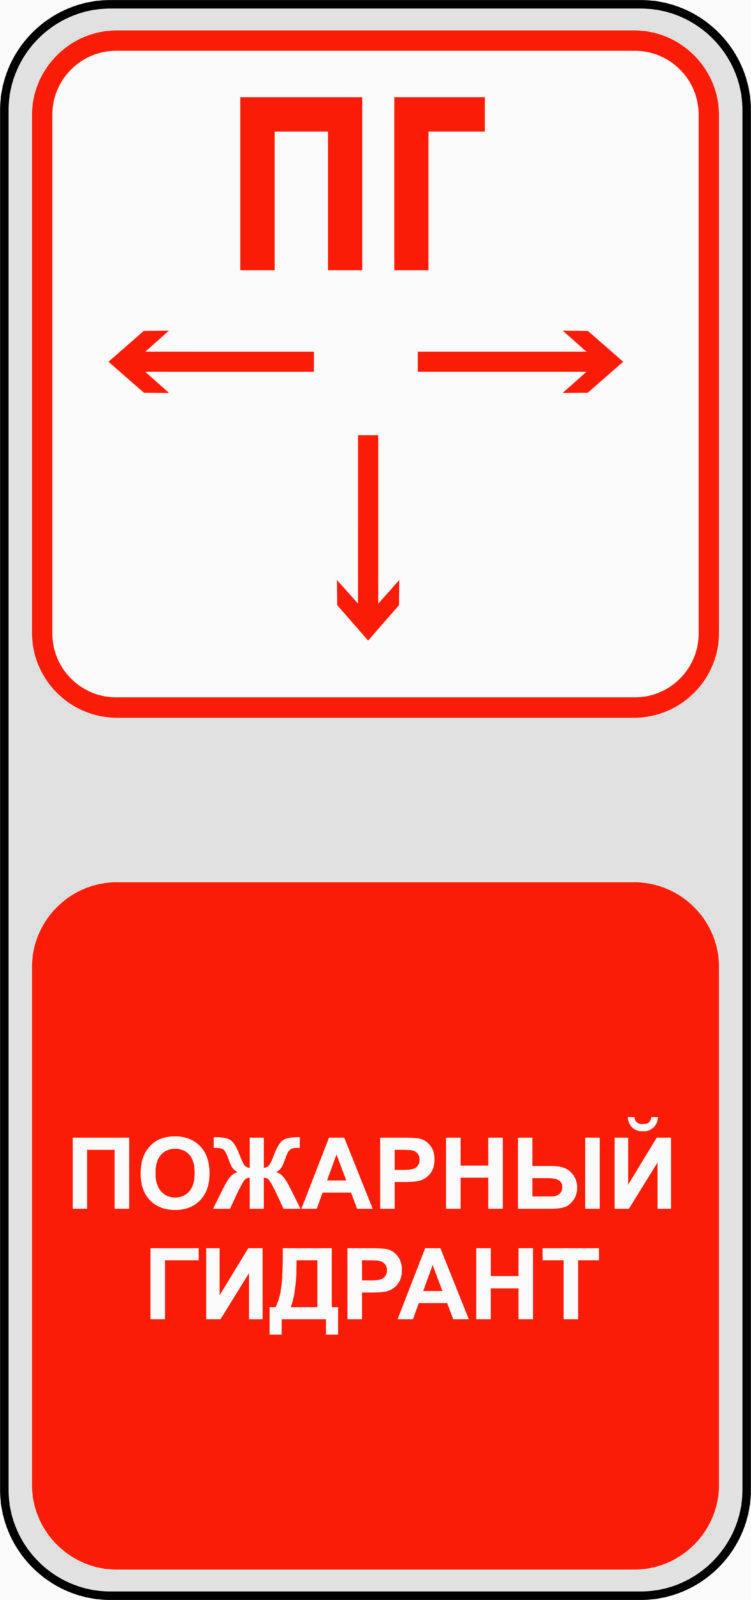 Обозначение гидрантов на схеме